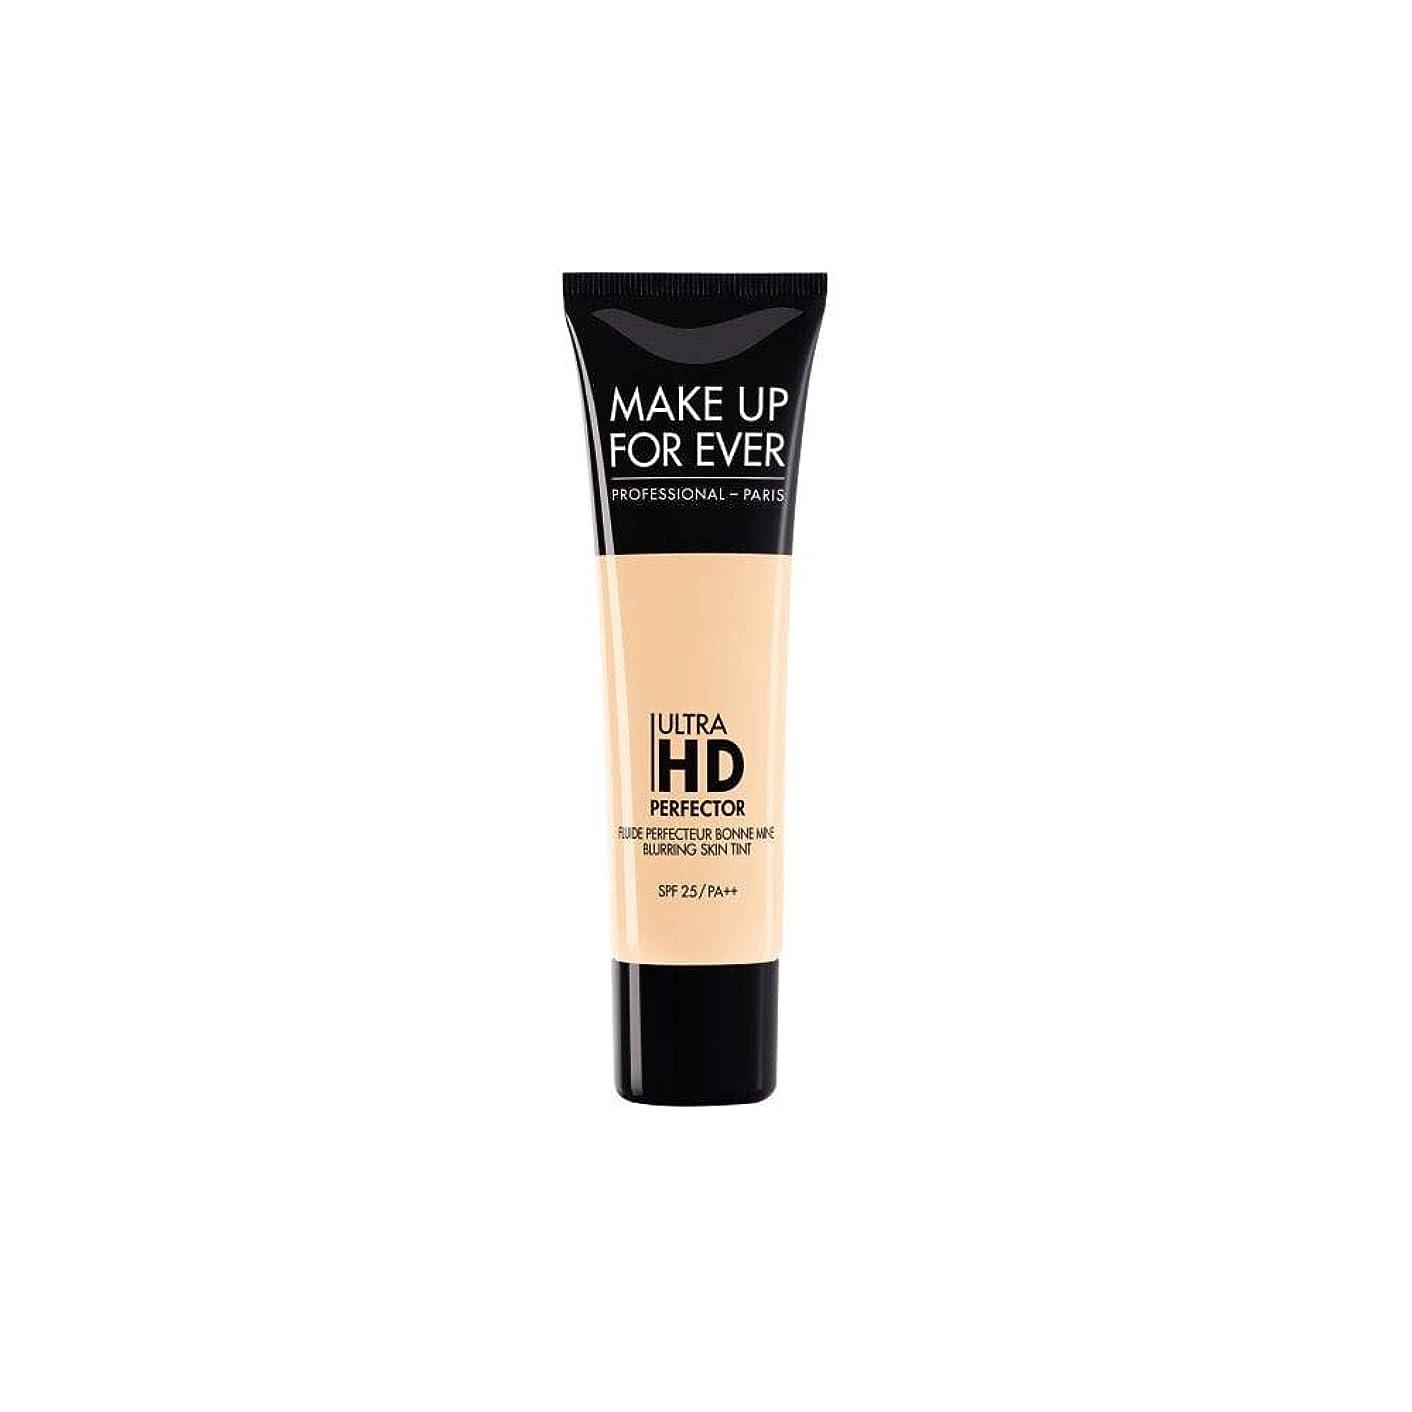 甘くするルネッサンス逃すメイクアップフォーエバー Ultra HD Perfector Blurring Skin Tint SPF25 - # 01 Vanilla 30ml/1.01oz並行輸入品